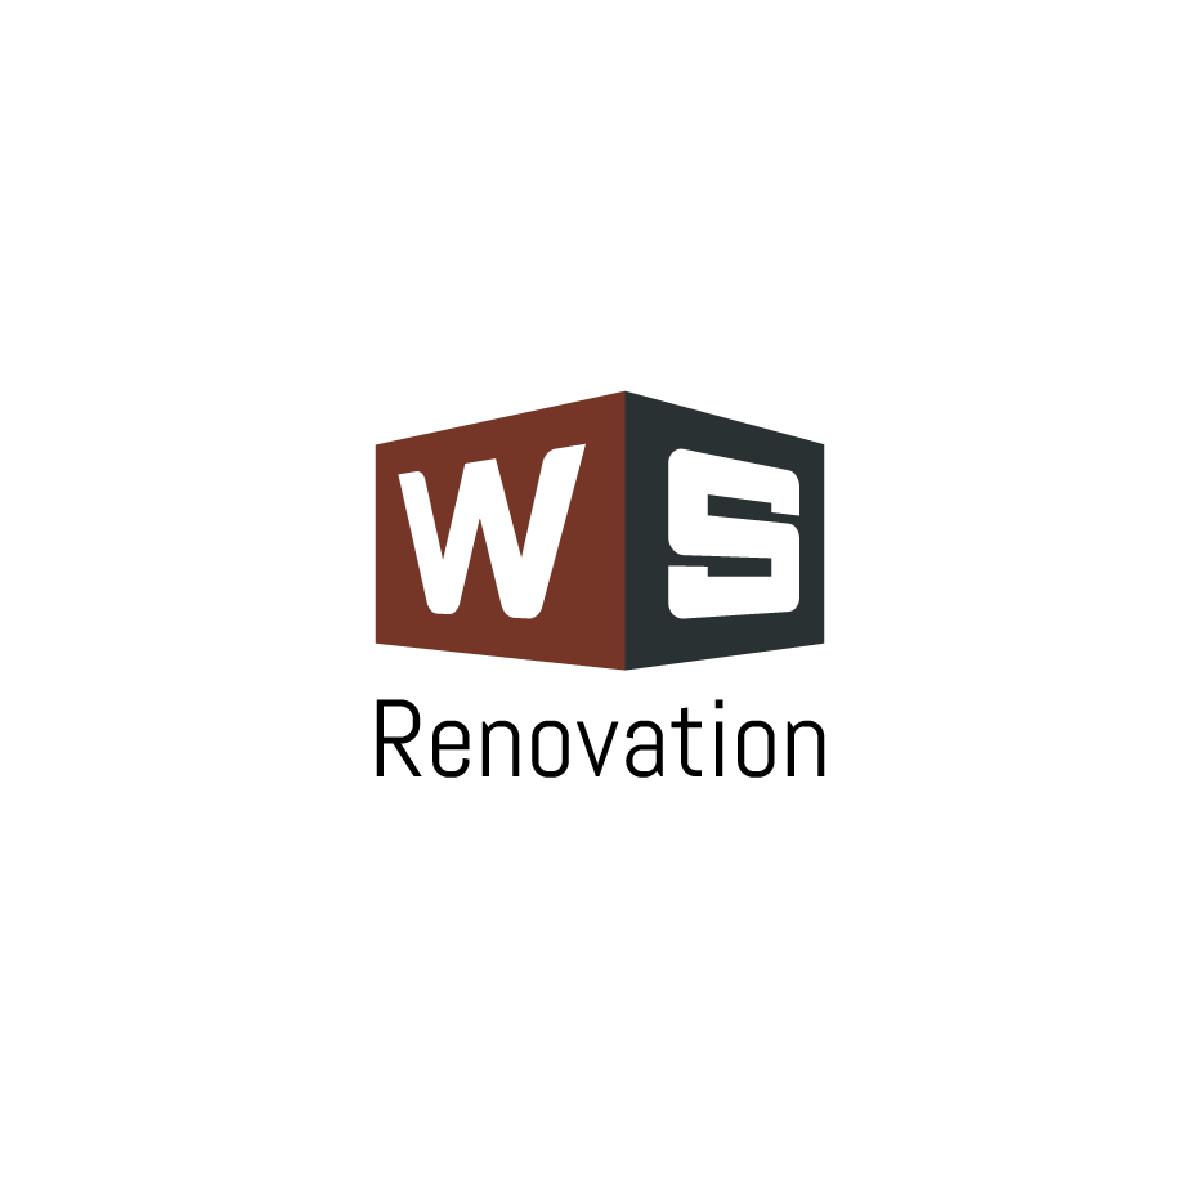 Toronto Home Renovation & Construction (Business Logo Concept)